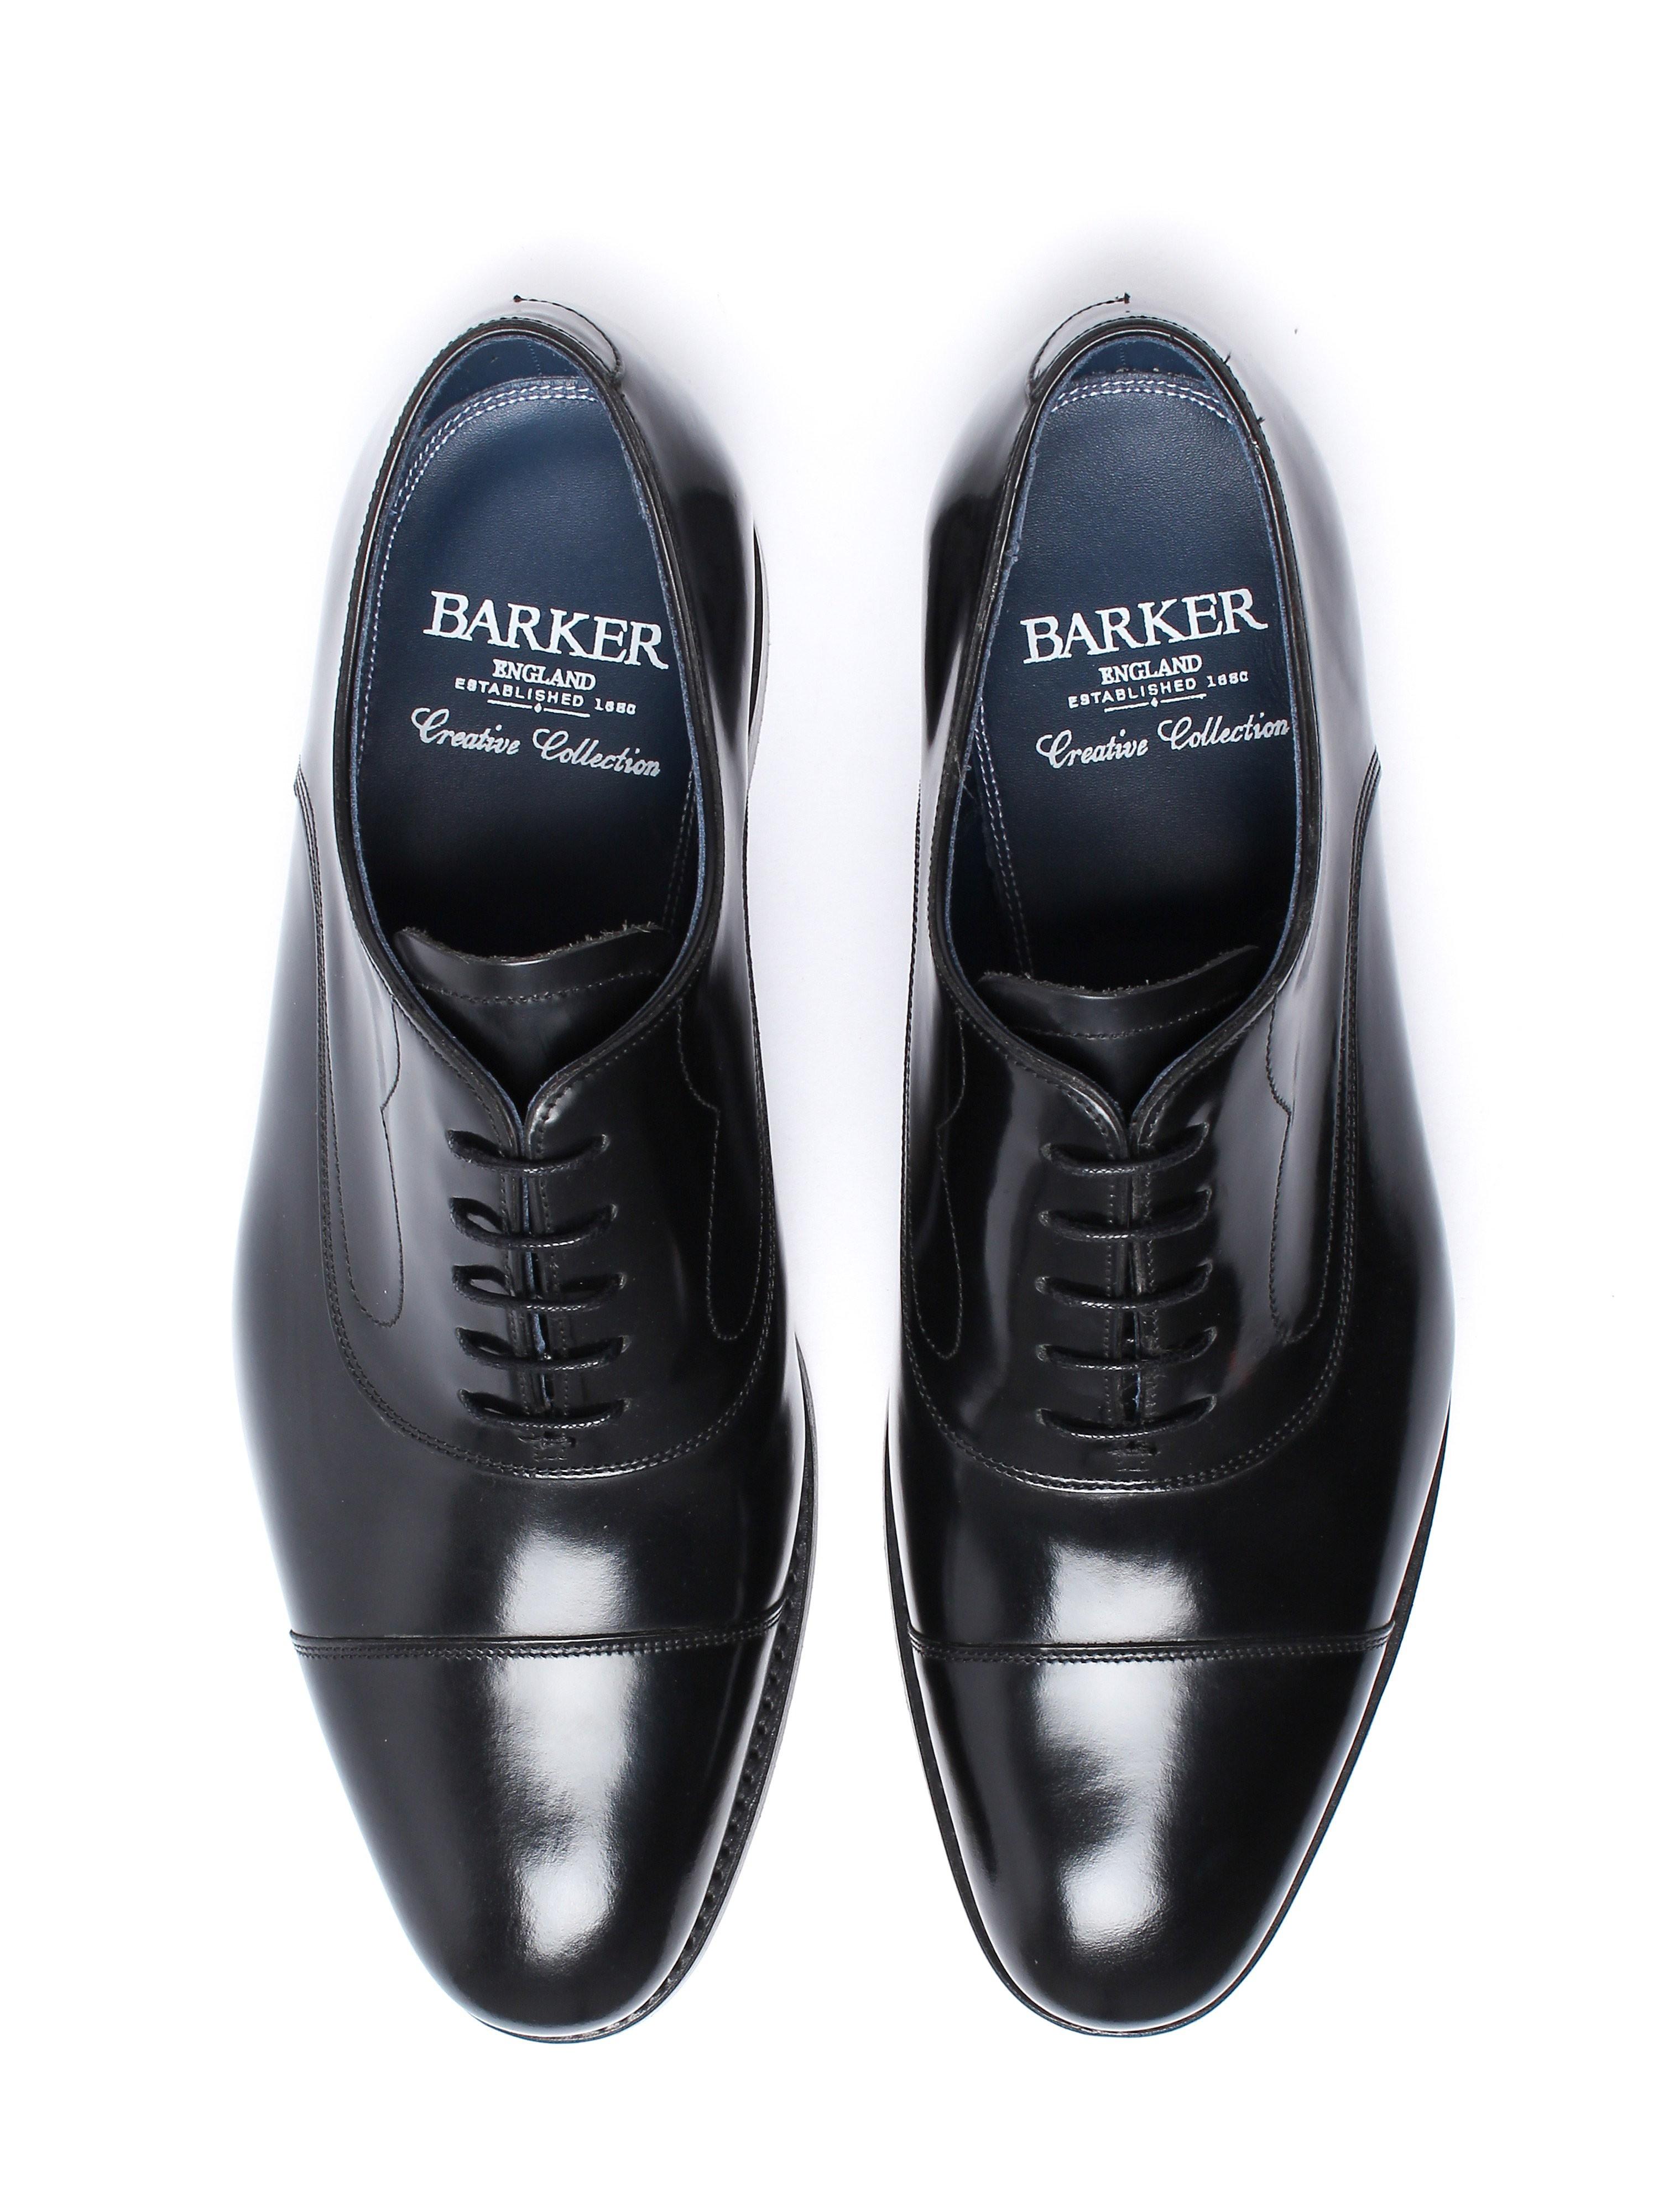 Barker Men's Hartley Hi Shine Derby Shoes – Black Leather